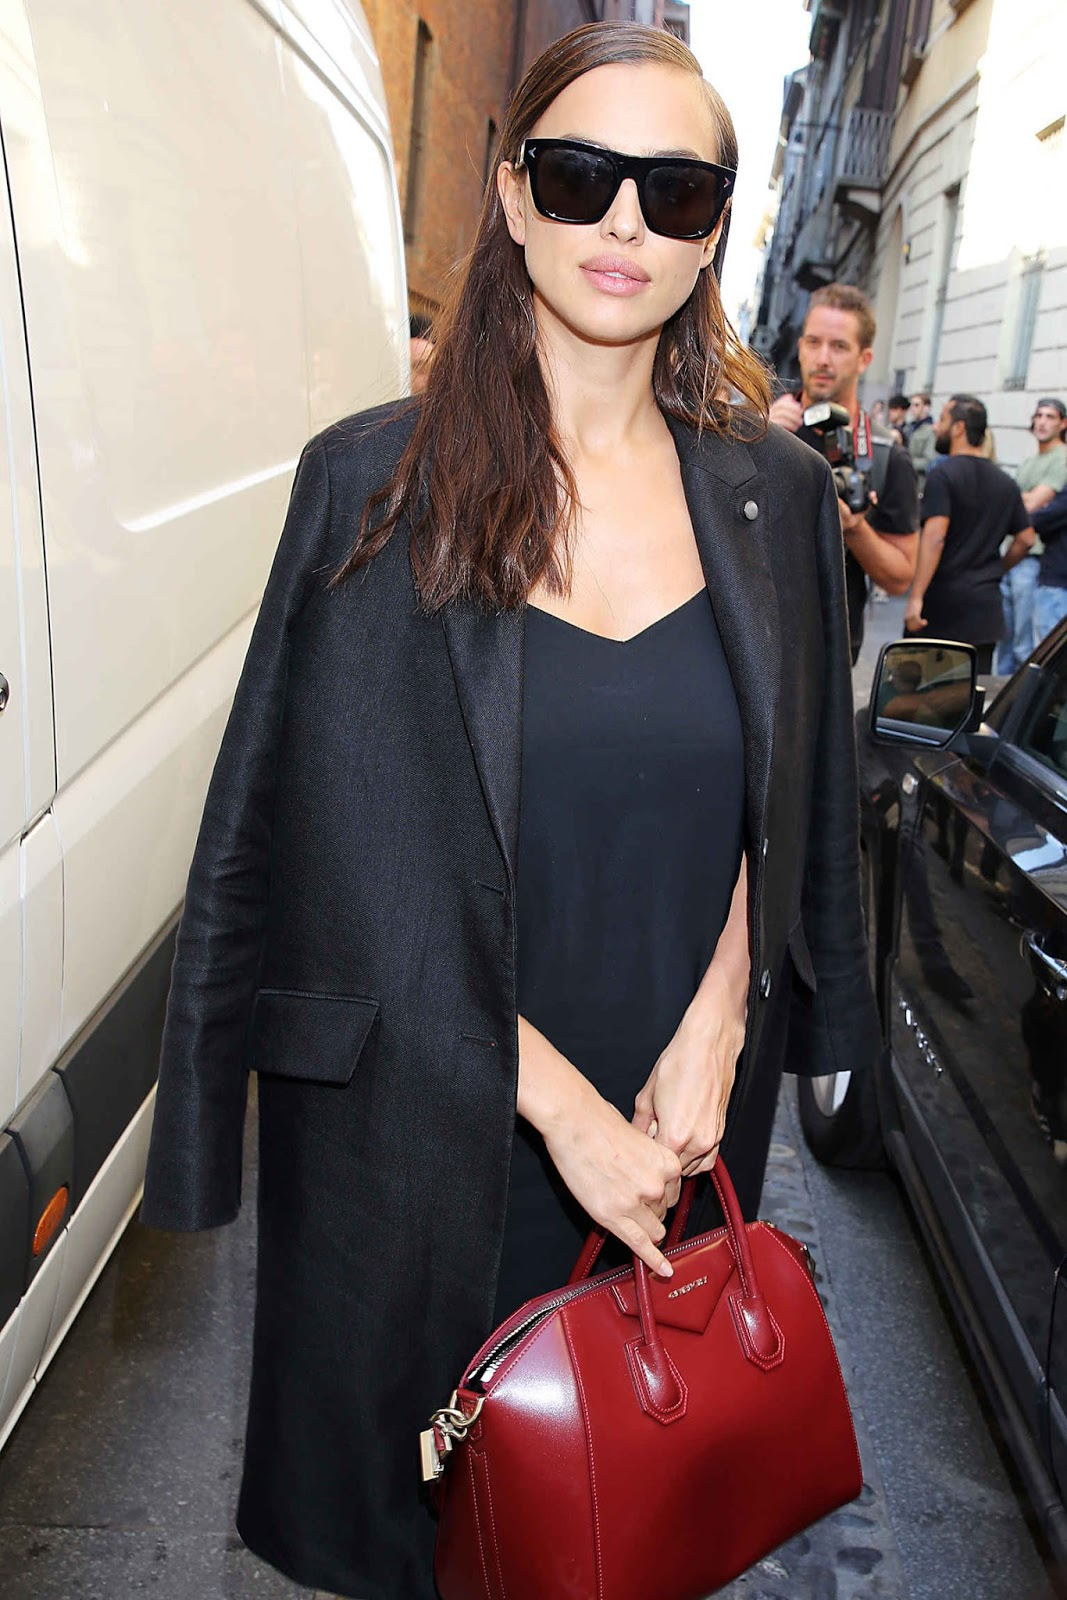 Irina Shayk Outside the Bottega Veneta Show